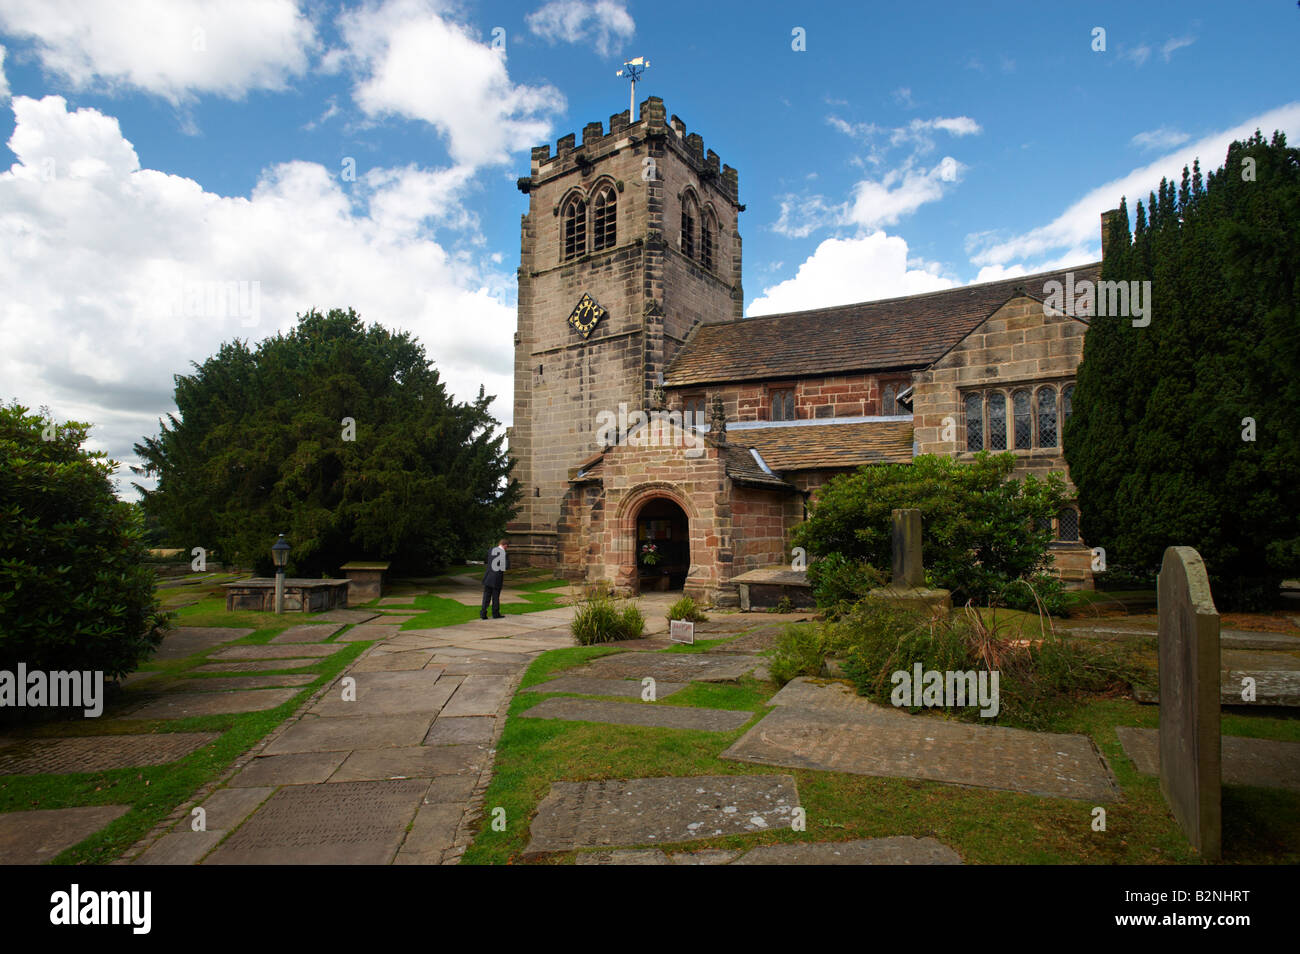 Nether Alderley St Mary s Church Alderley Edge Cheshire UK - Stock Image